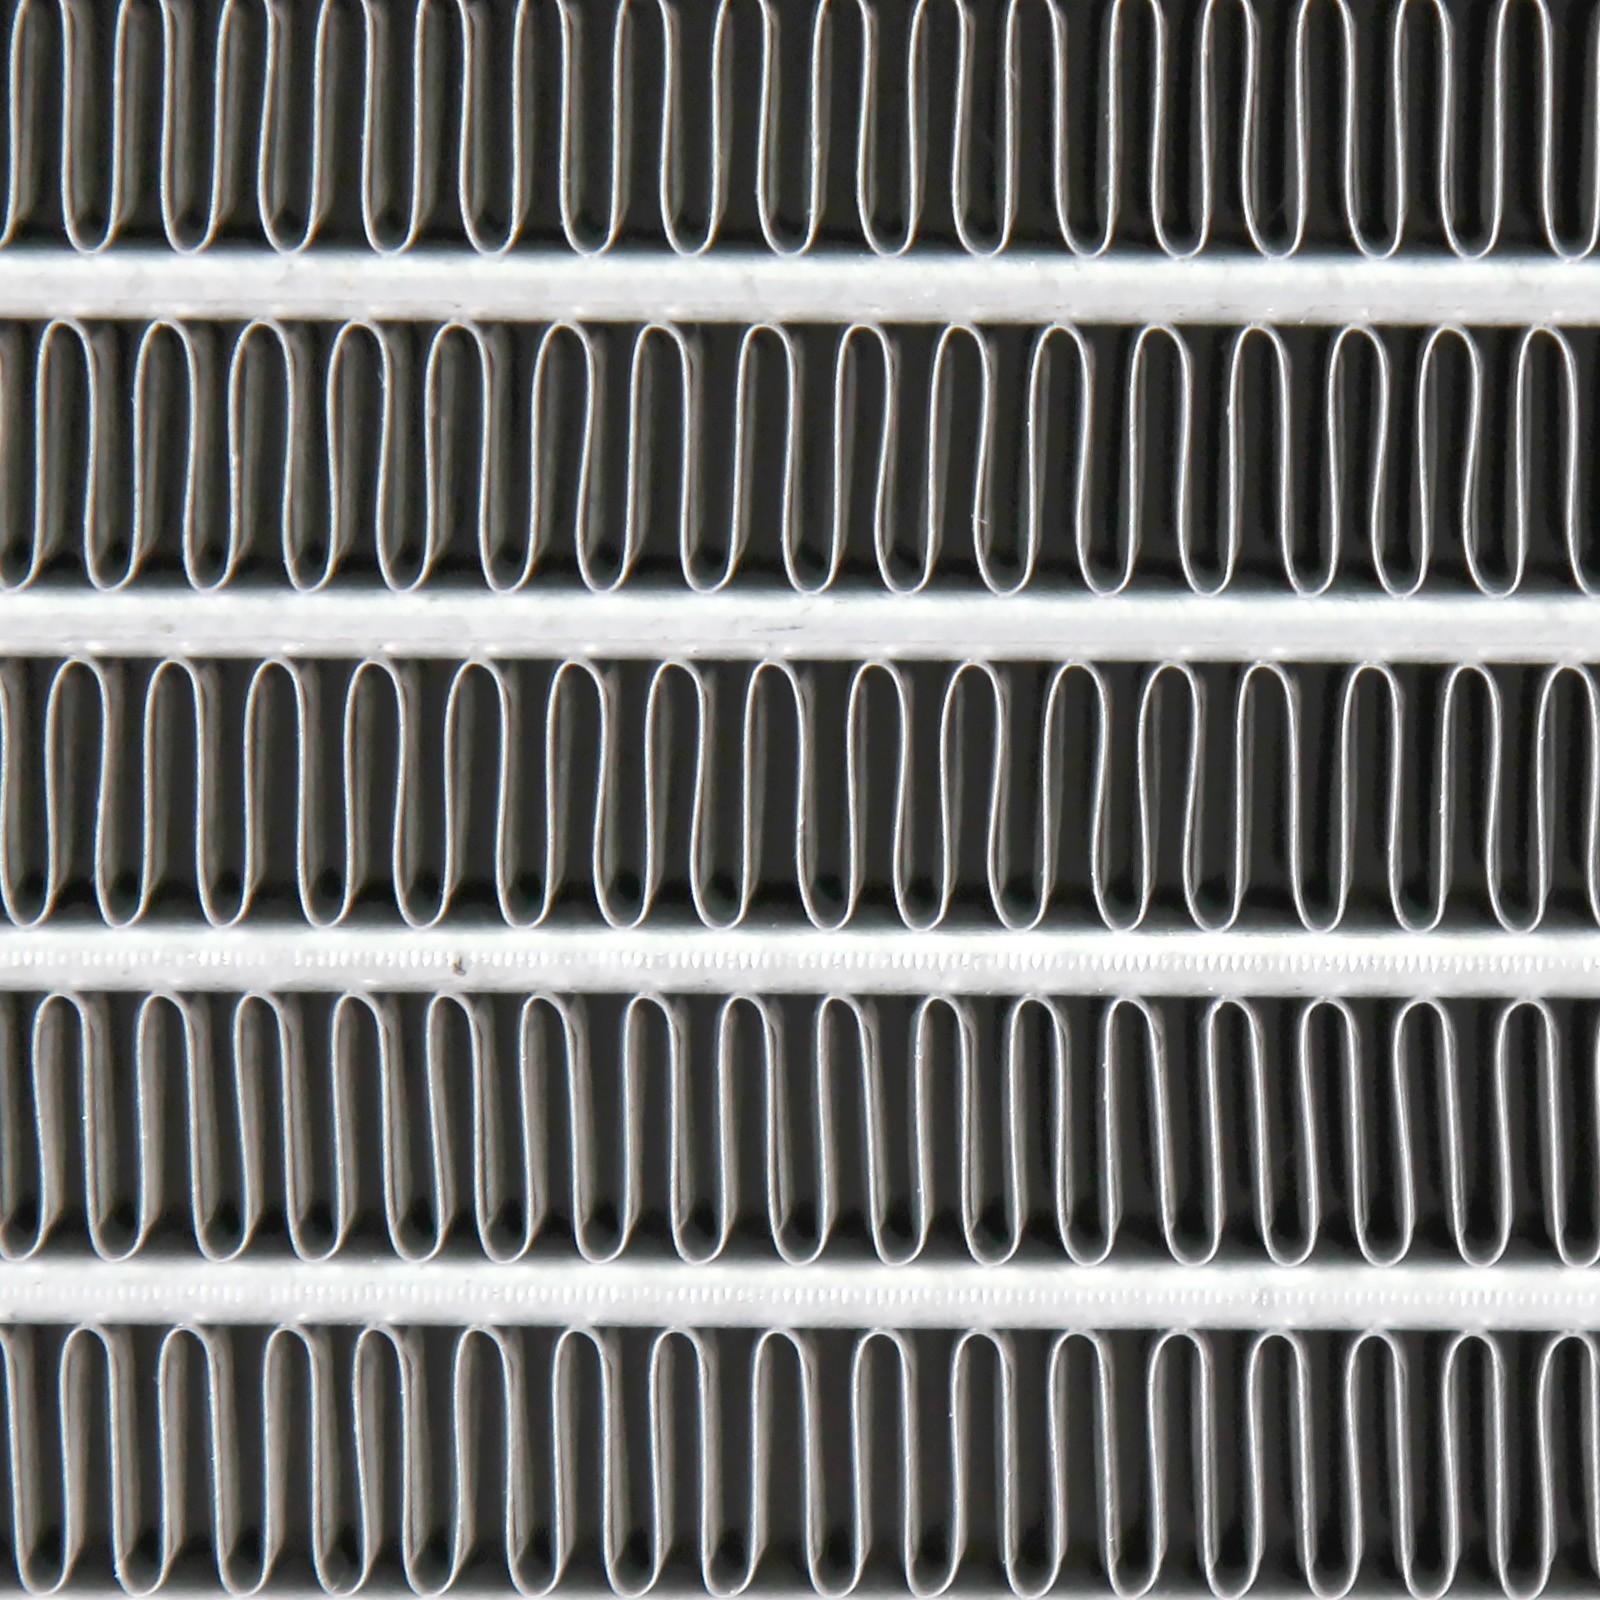 Dromedary-Find Toyota Radiator Toyota Tacoma Radiator From Hongdao Car Radiator